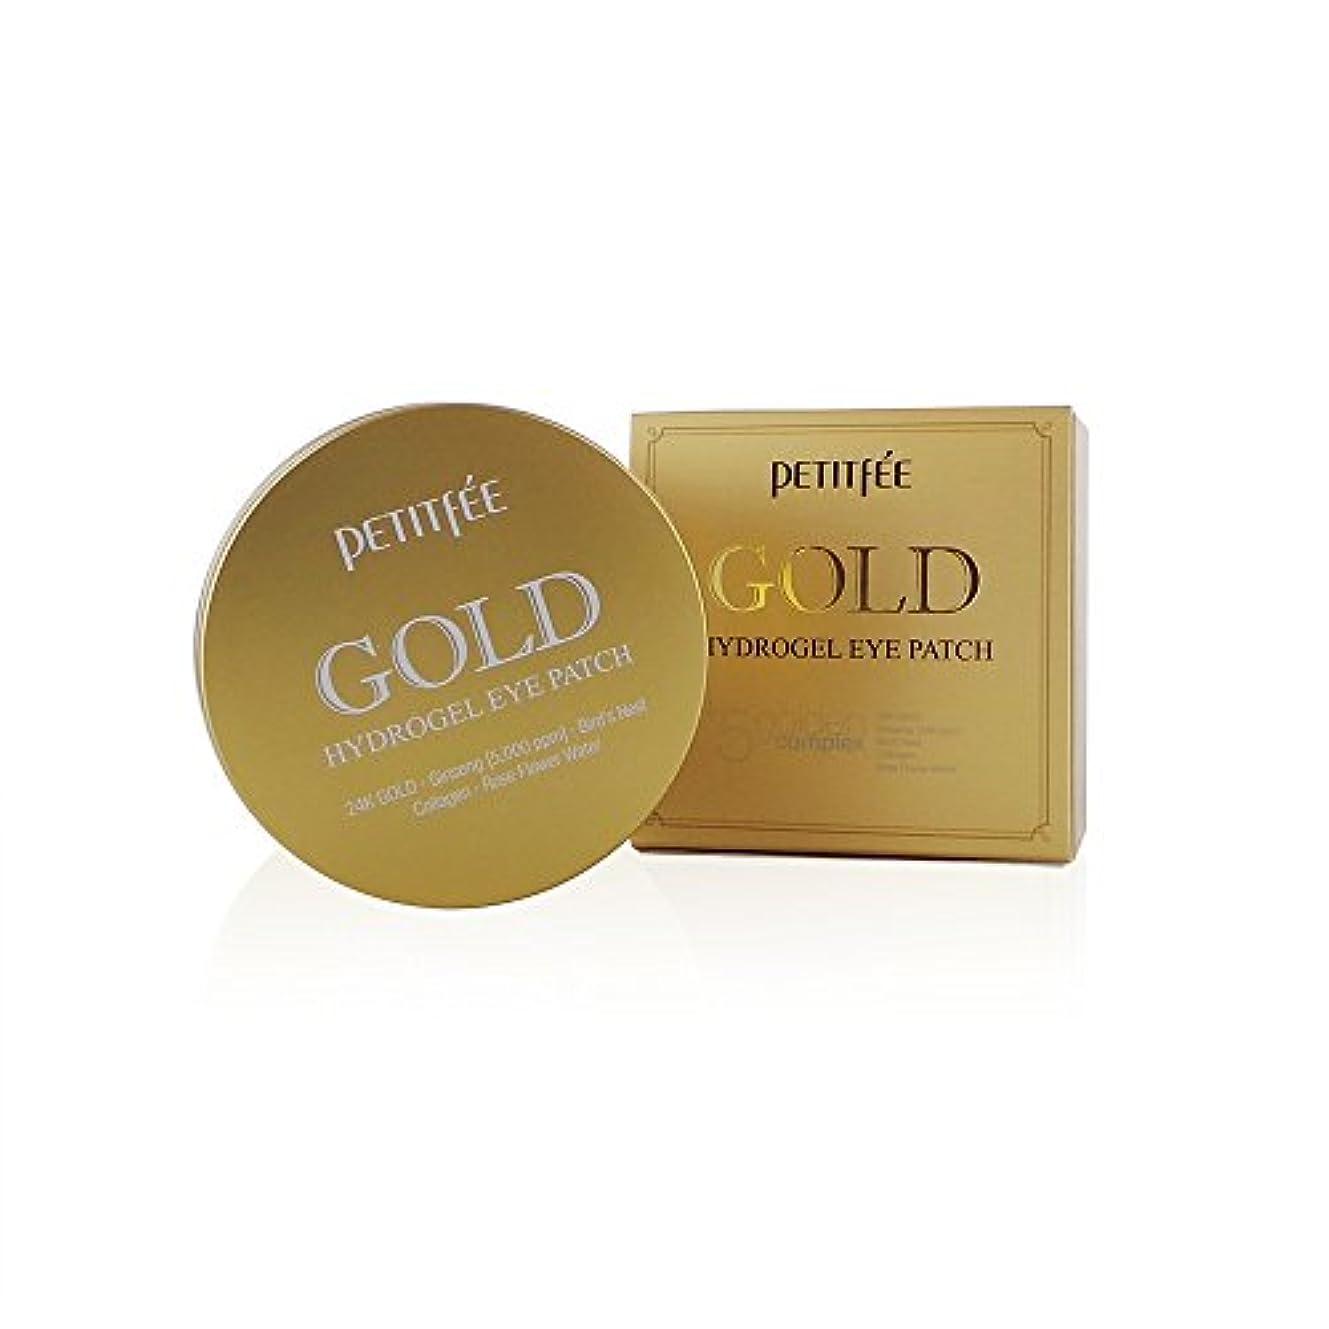 マルクス主義者普及サンダース(3 Pack) PETITFEE Gold Hydrogel Eye Patch (並行輸入品)